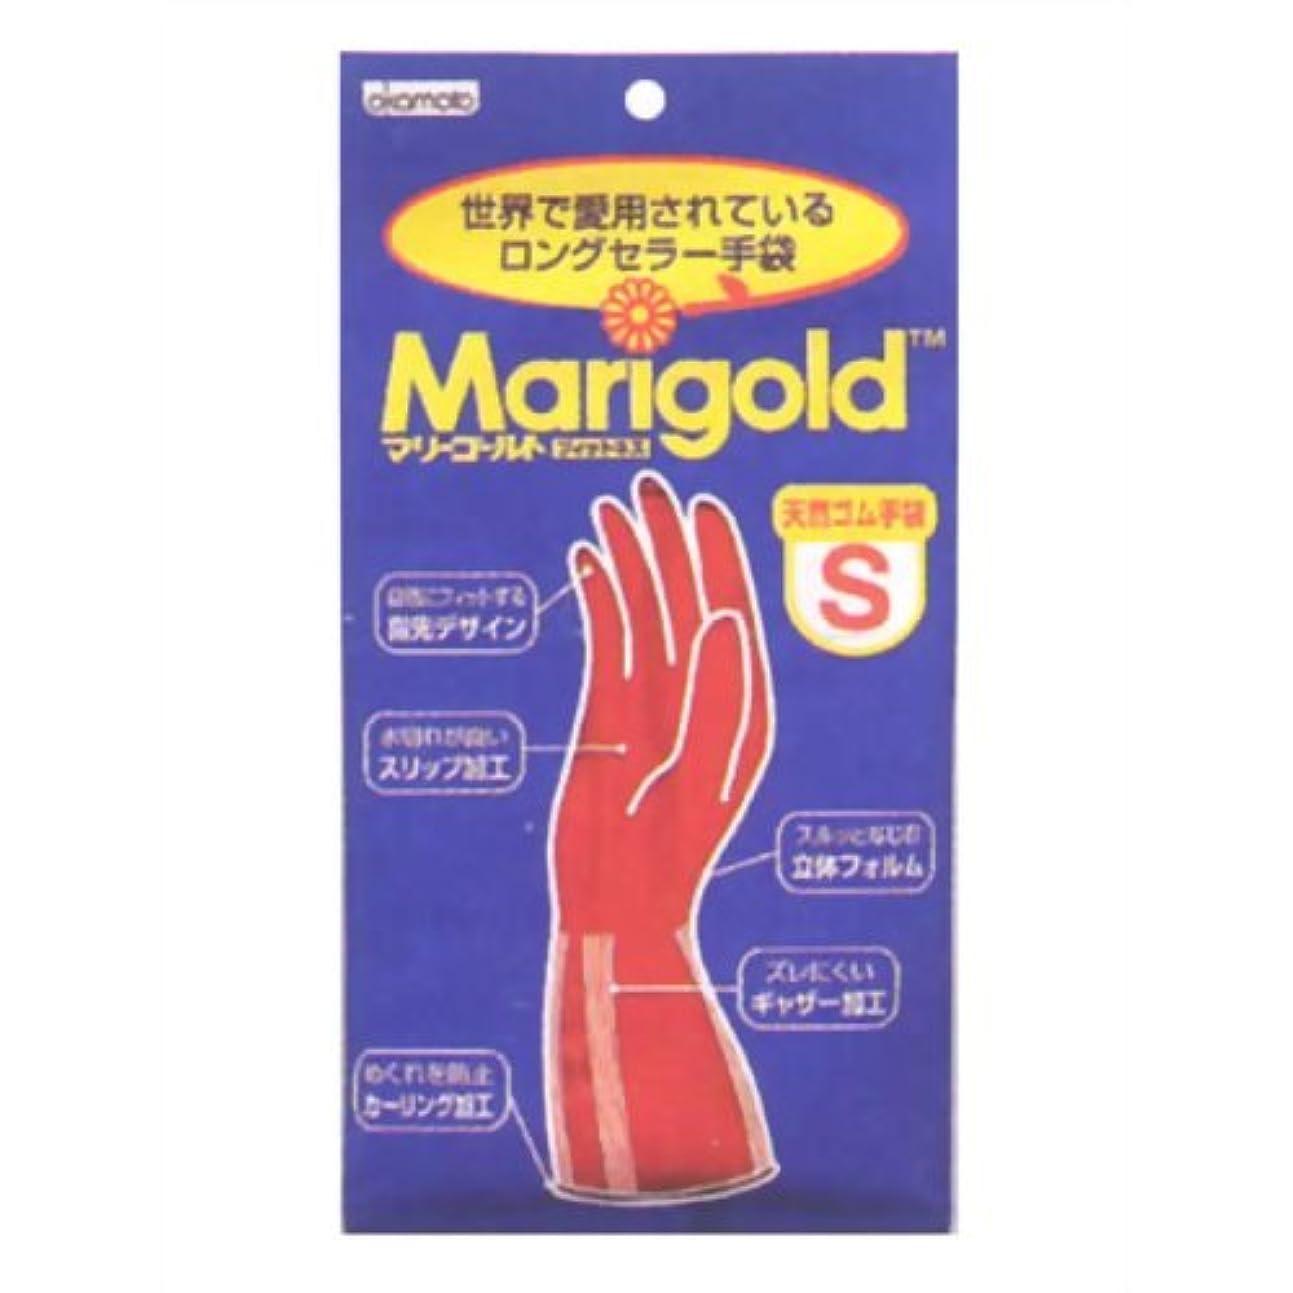 要求抜け目のない荒廃するマリーゴールドSサイズ × 12個セット